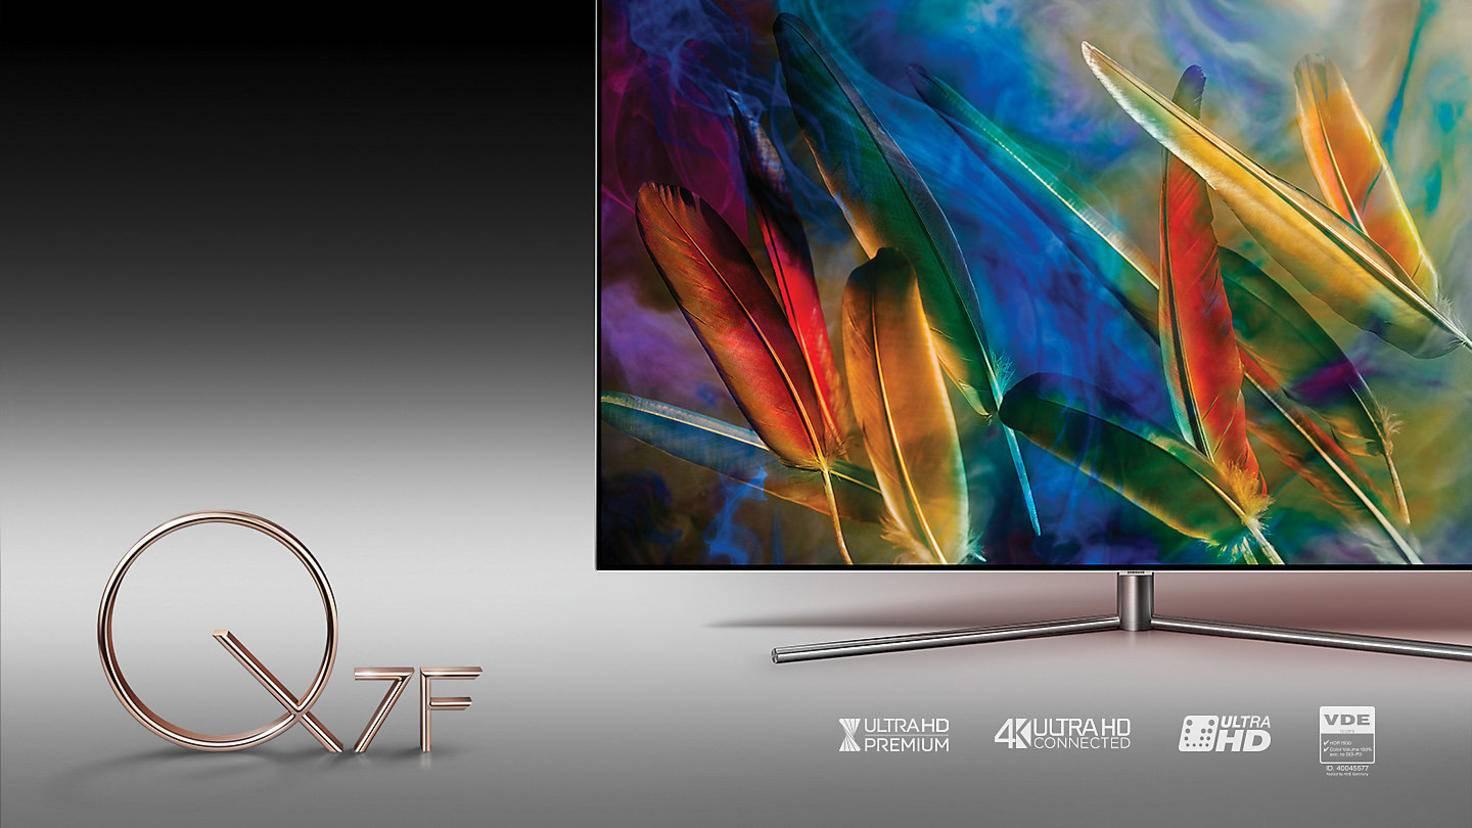 Samsung-Q7F-4K-HDR-Fernseher-TV